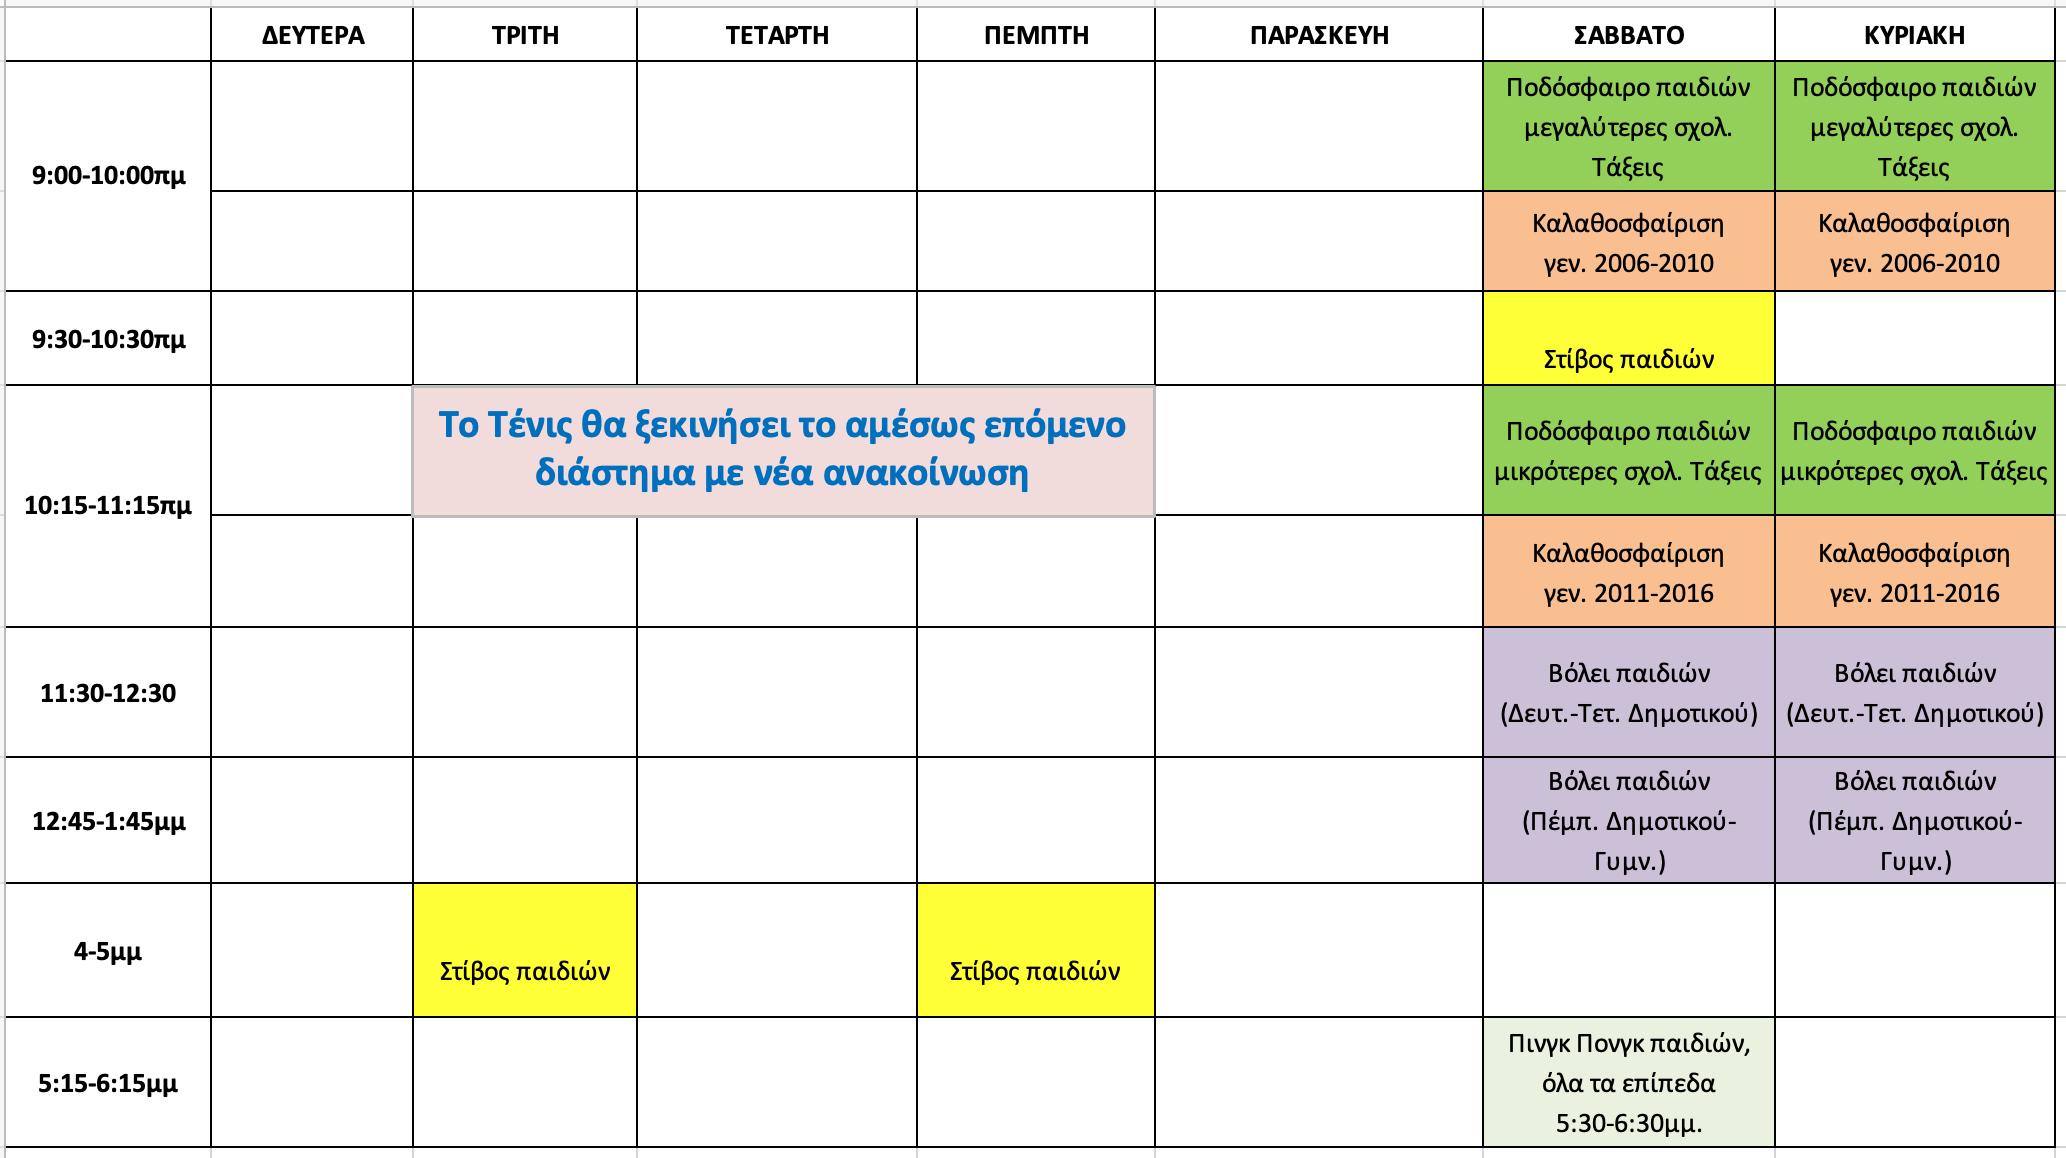 Ωρολόγιο-πρόγραμμα-ακαδημιών-παιδιών-2021-2022